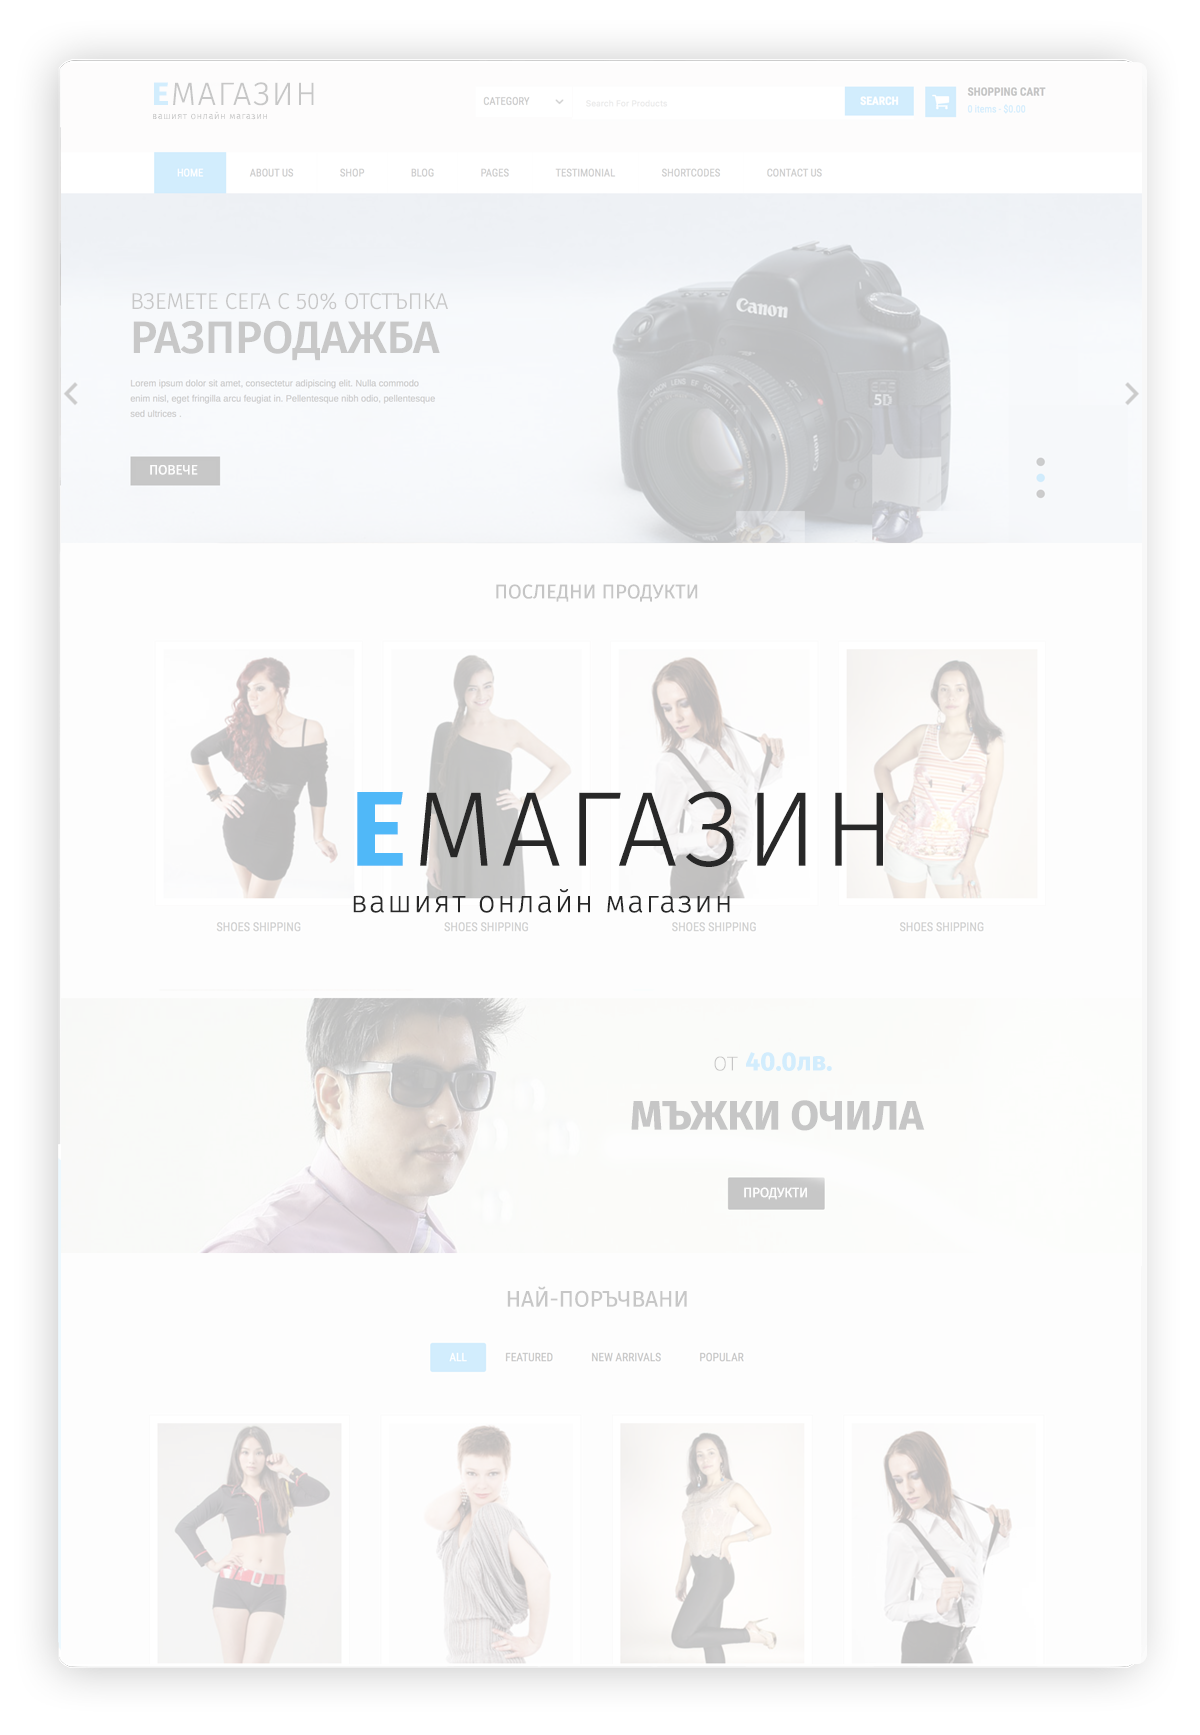 Web-design 4